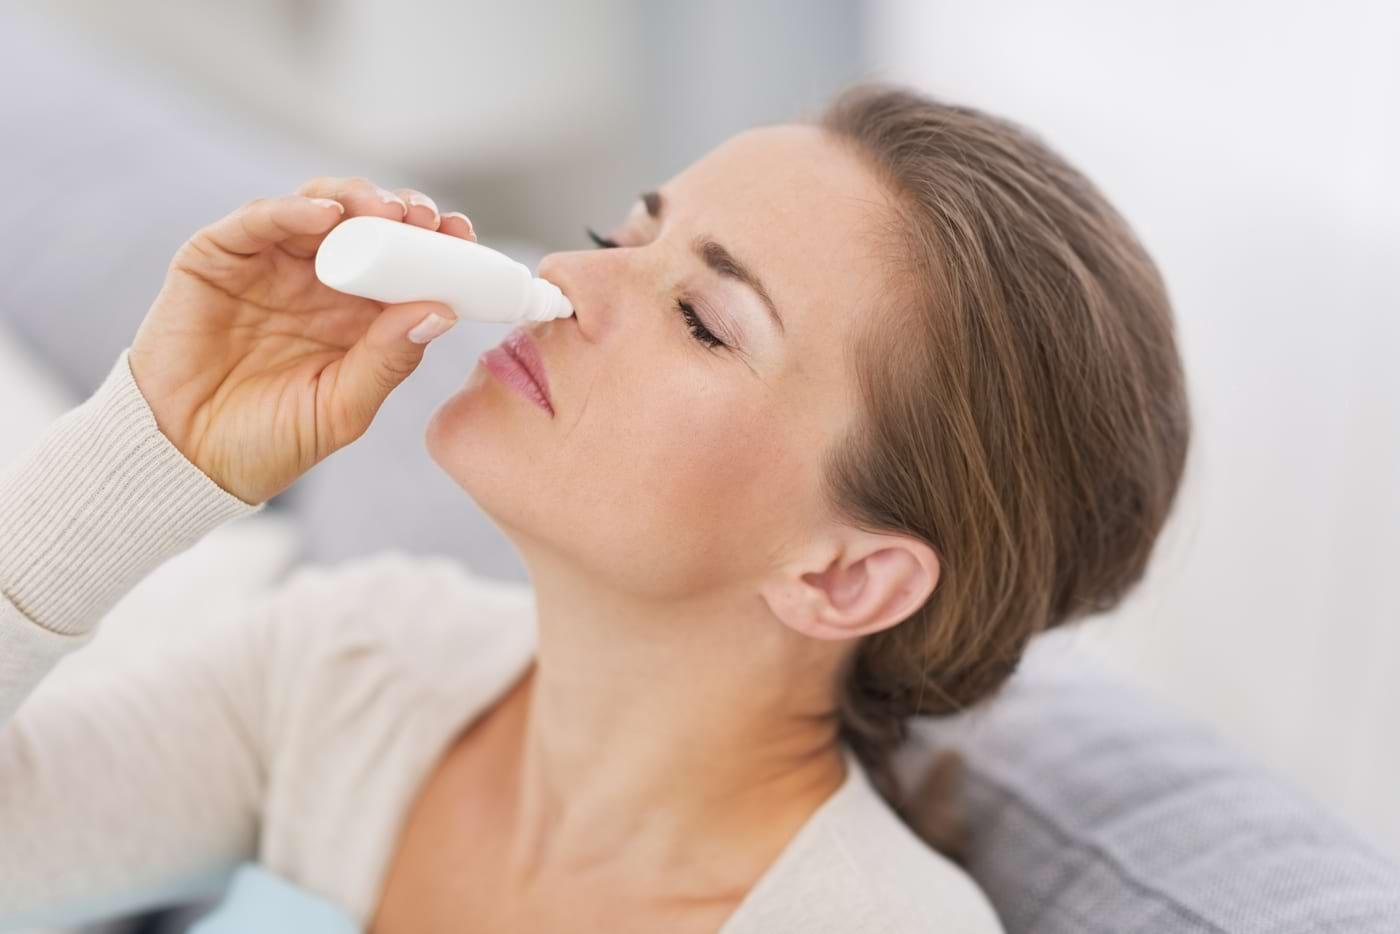 Picăturile nazale cu vitamina A ar putea ajuta la recuperarea mirosului pe termen lung la cei infectați cu COVID-19